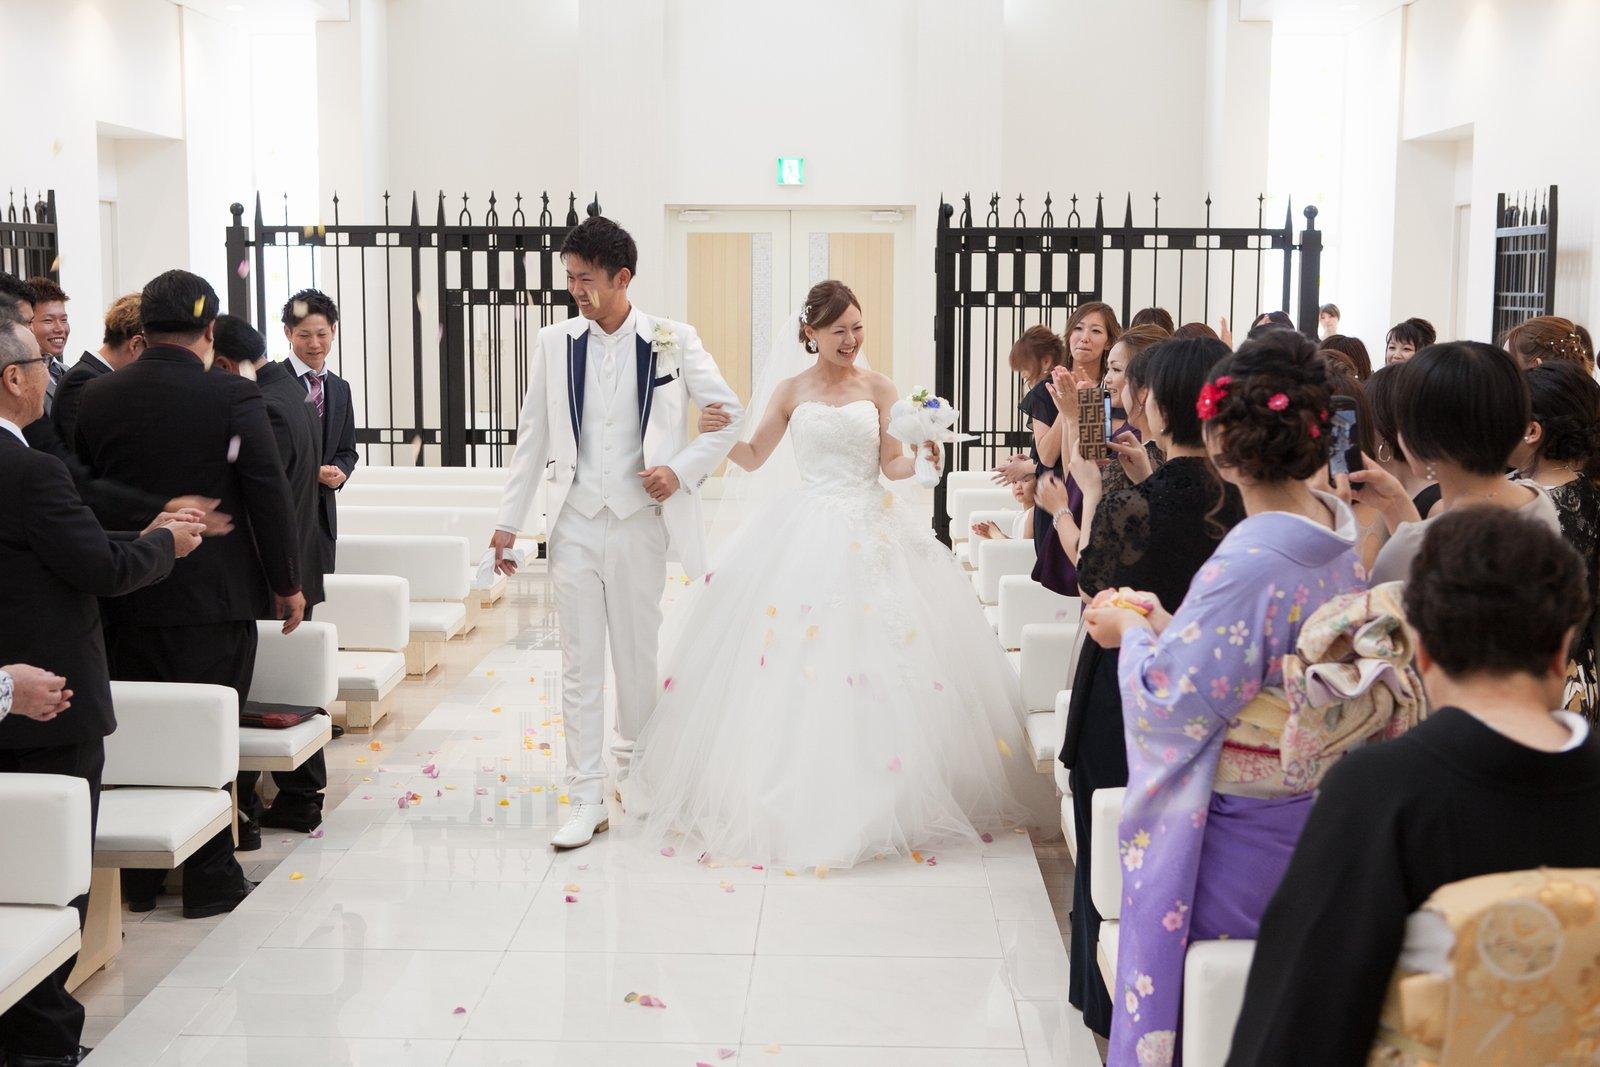 徳島市の結婚式場ブランアンジュでチャペル内でのゲストからの祝福のフラワーシャワー